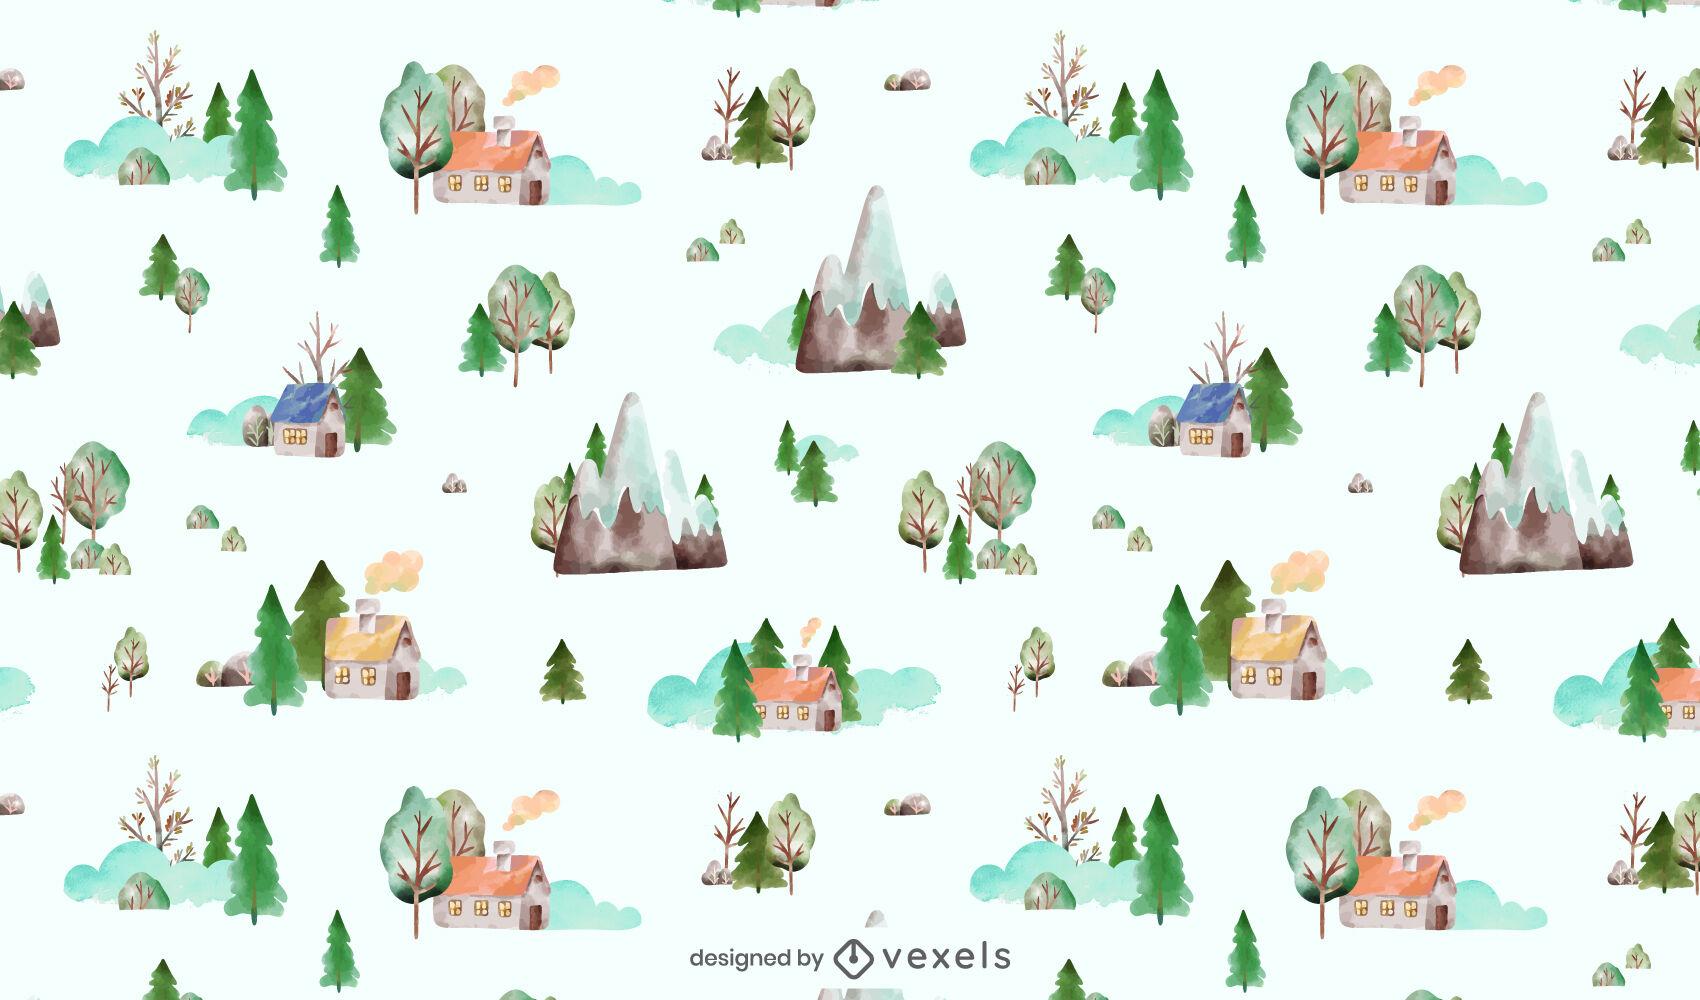 Diseño de patrón de acuarela de elementos de naturaleza de invierno